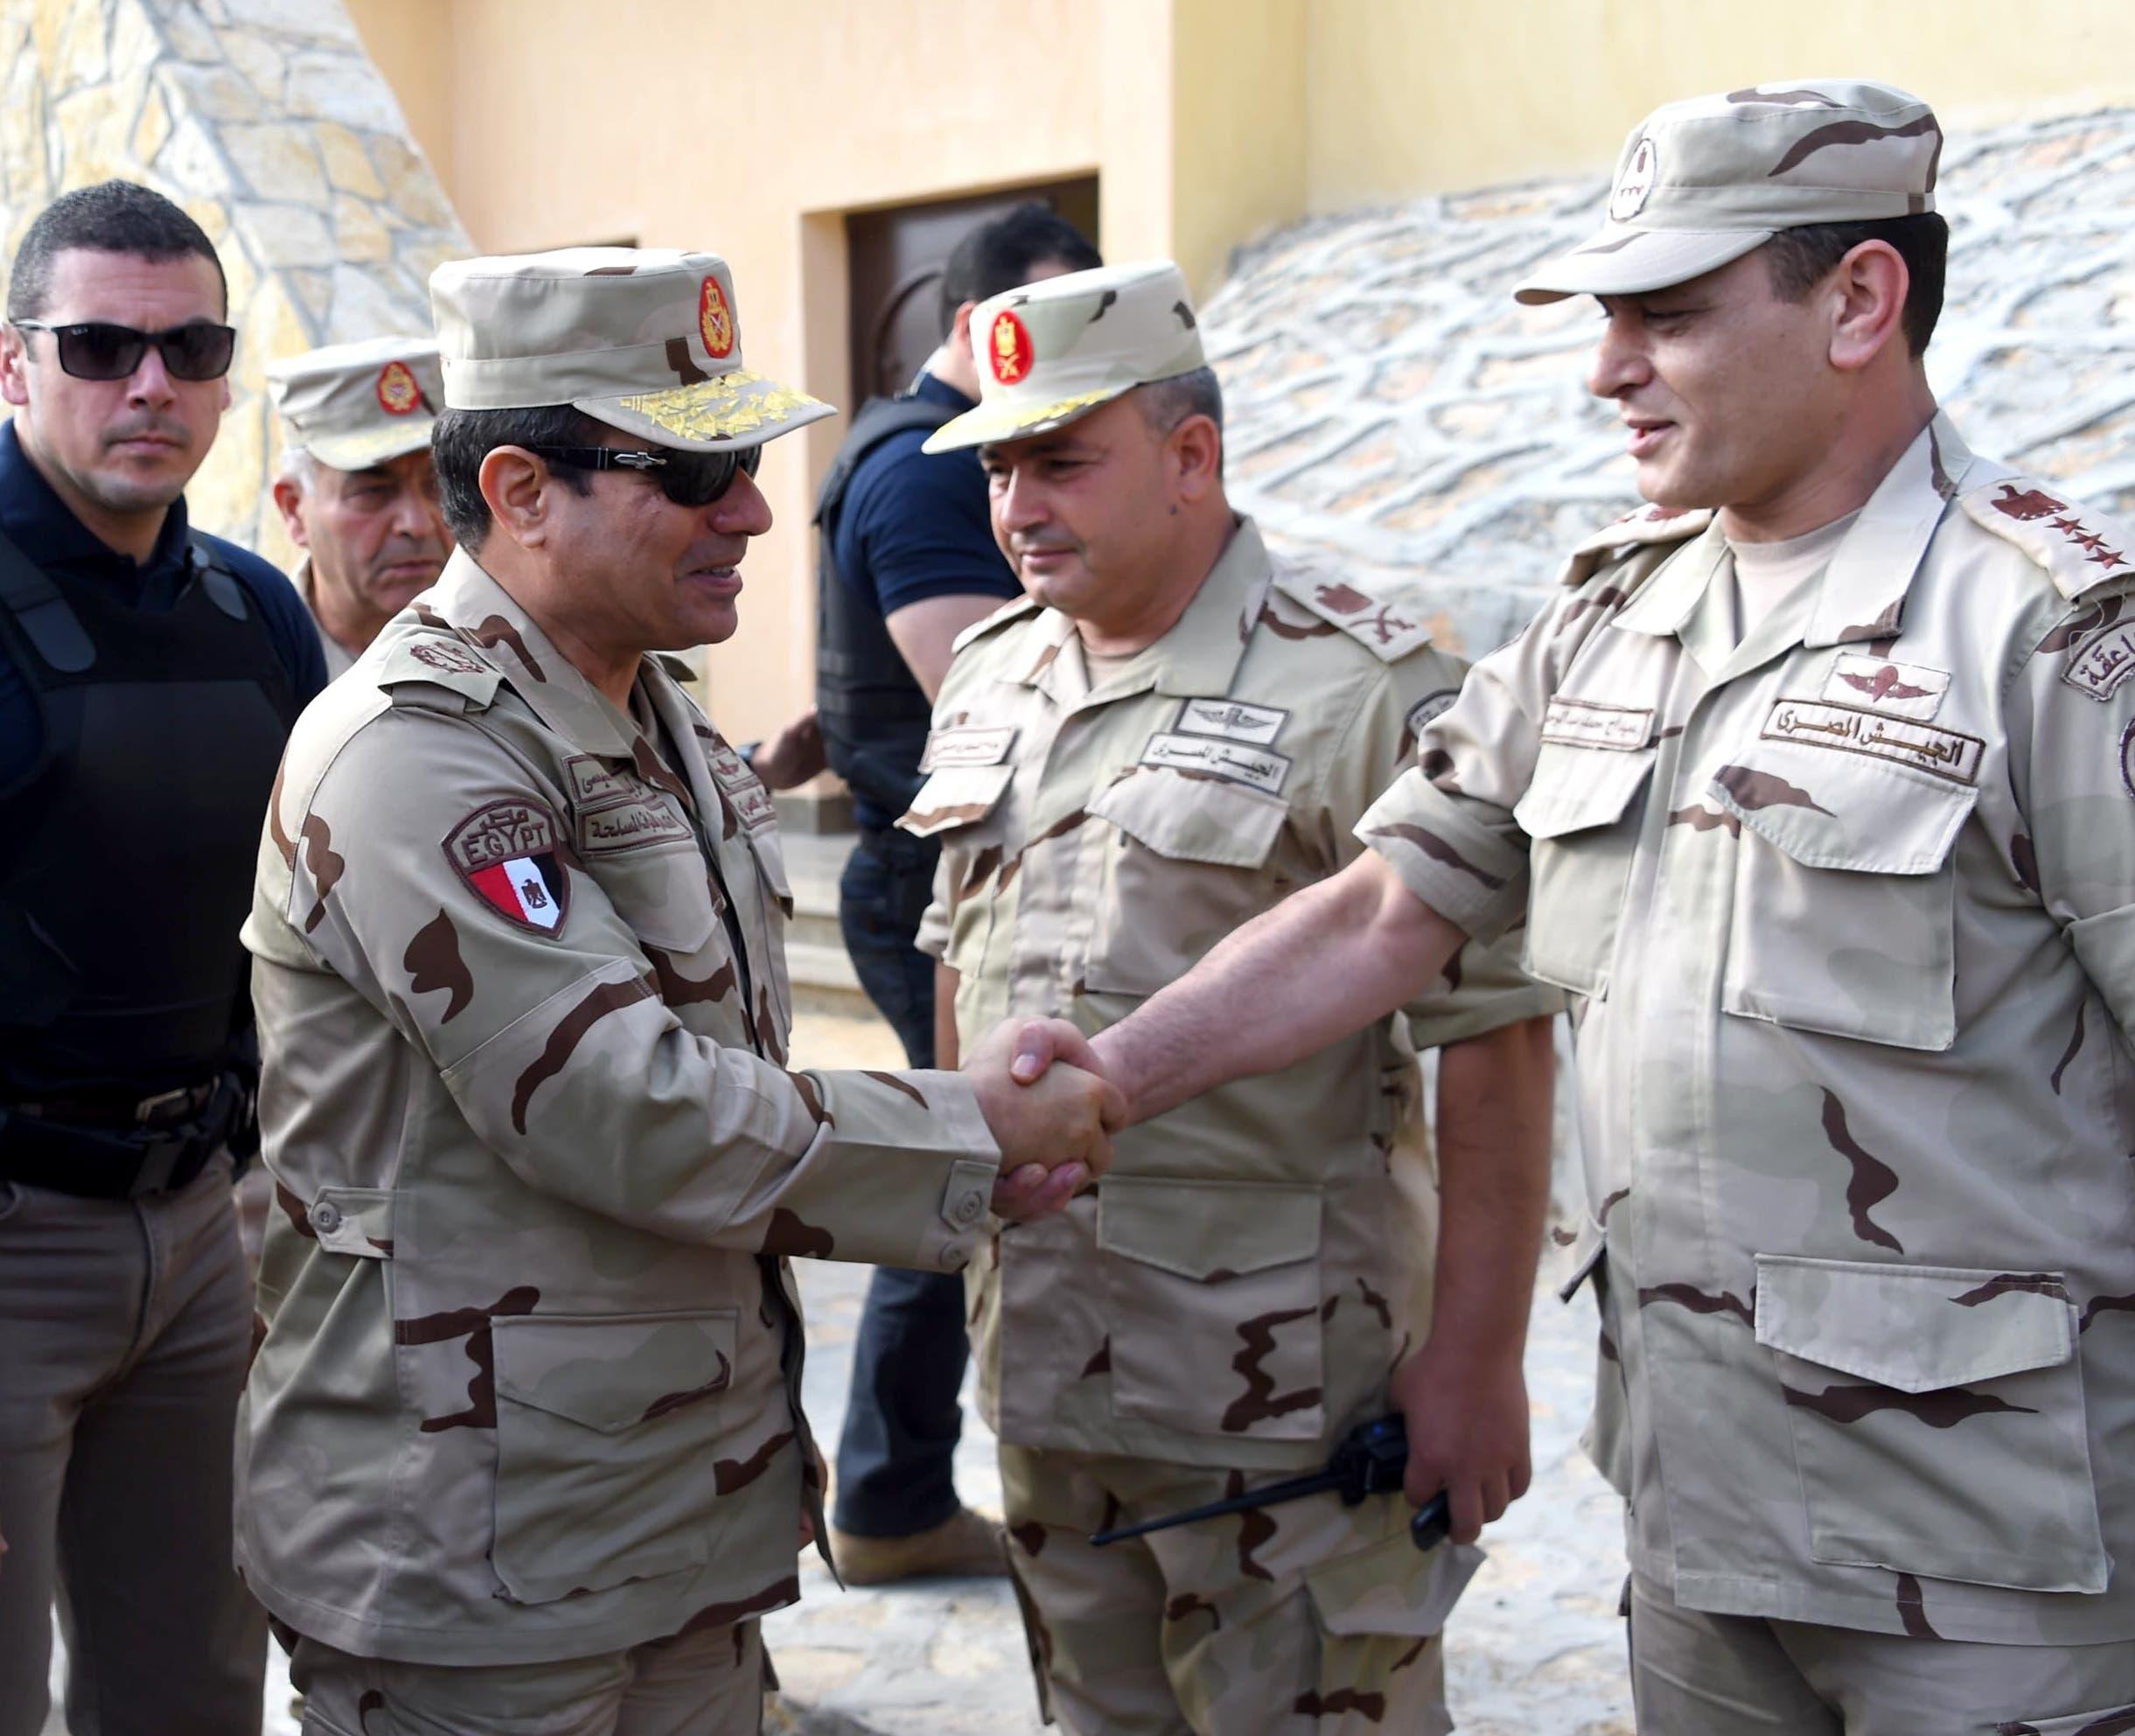 السيسي بالزي العسكري في شمال سيناء بعد الهجمات 1ba771a6-3dd5-4873-984f-cce2258d6867